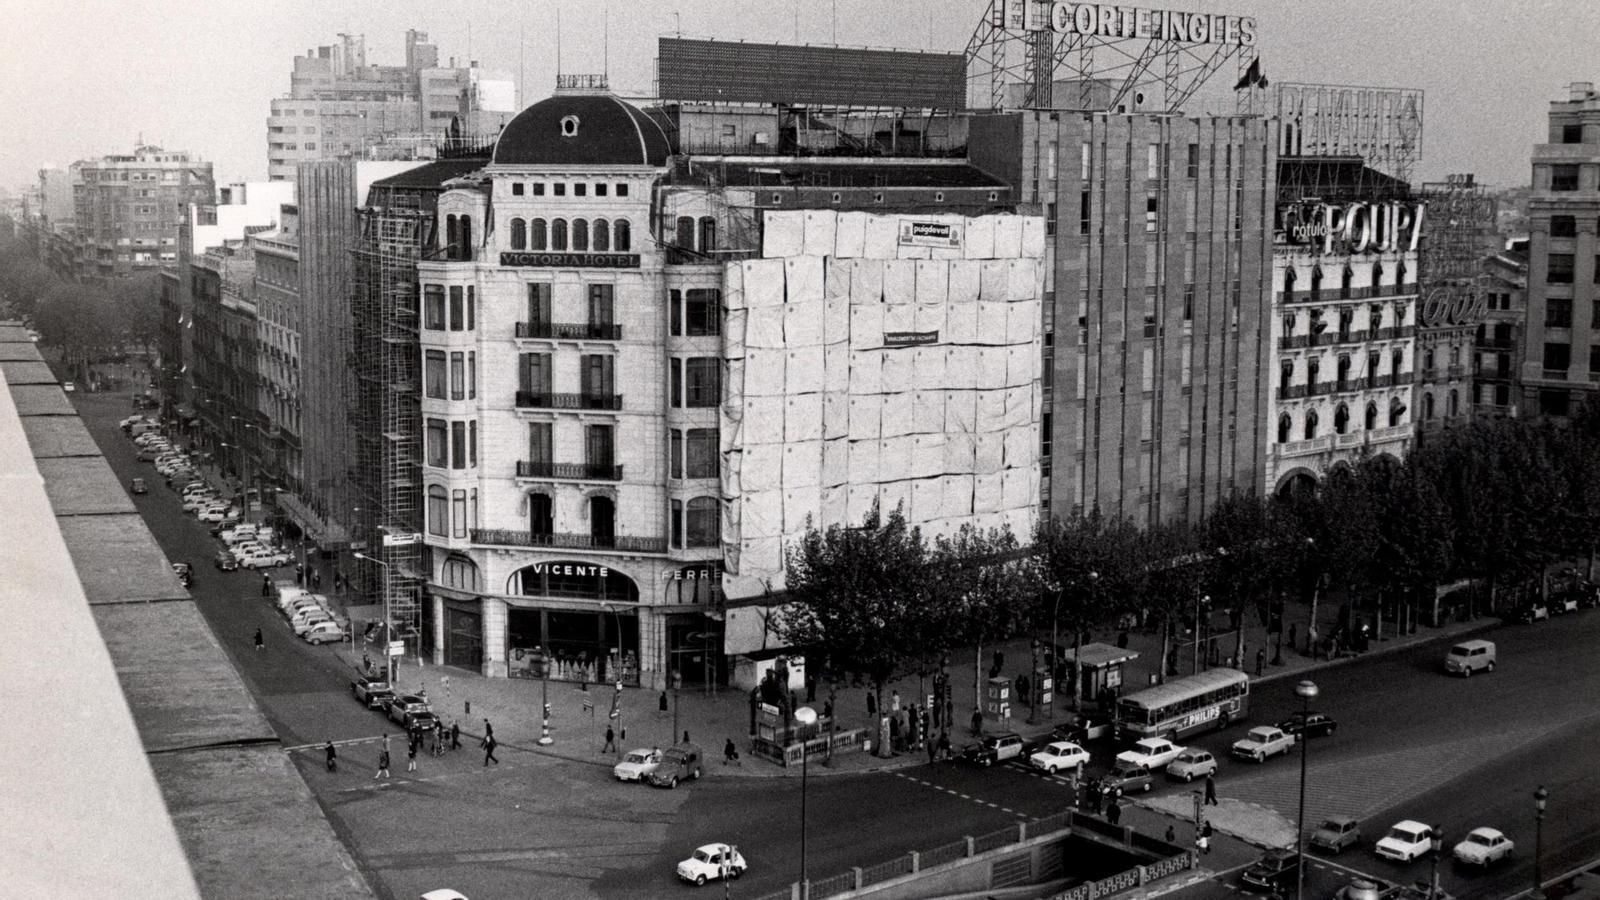 Mig segle de vida d 39 una icona de barcelona - El corte ingles plaza cataluna barcelona ...